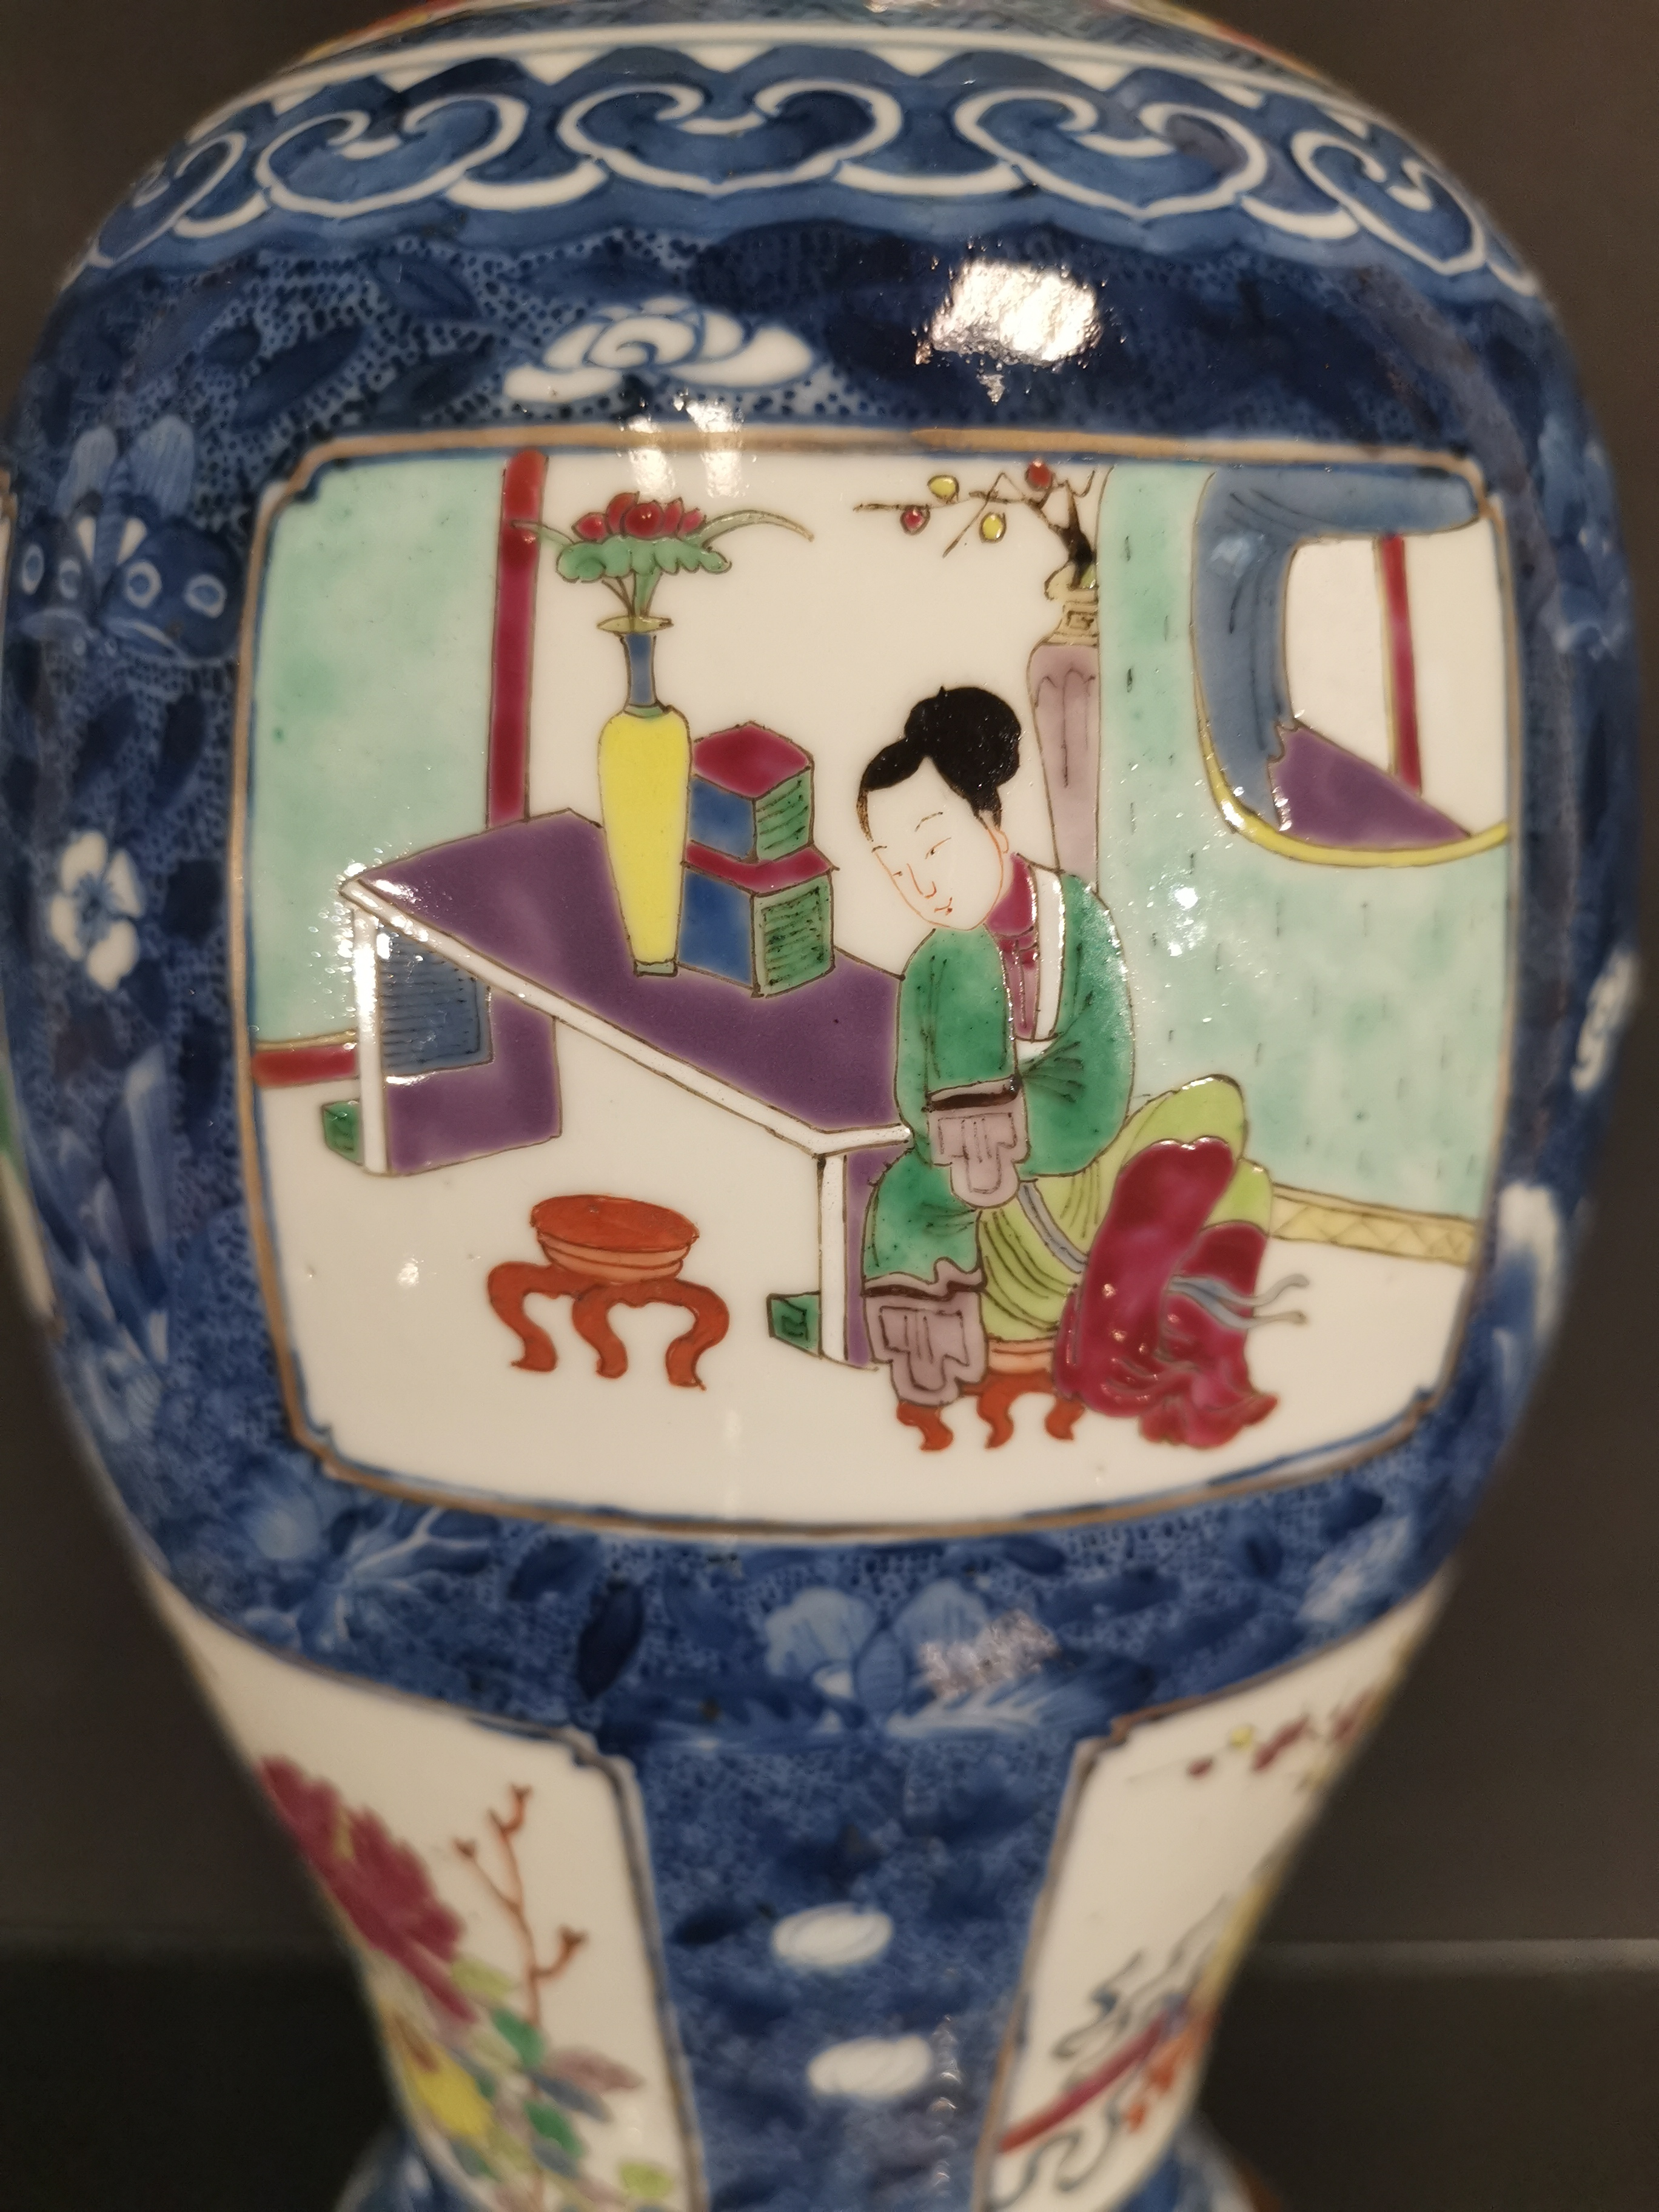 Lot 35 - Vase couvert en porcelaine famille rose et bleu blanc Chine, fin du XIXème siècle [...]